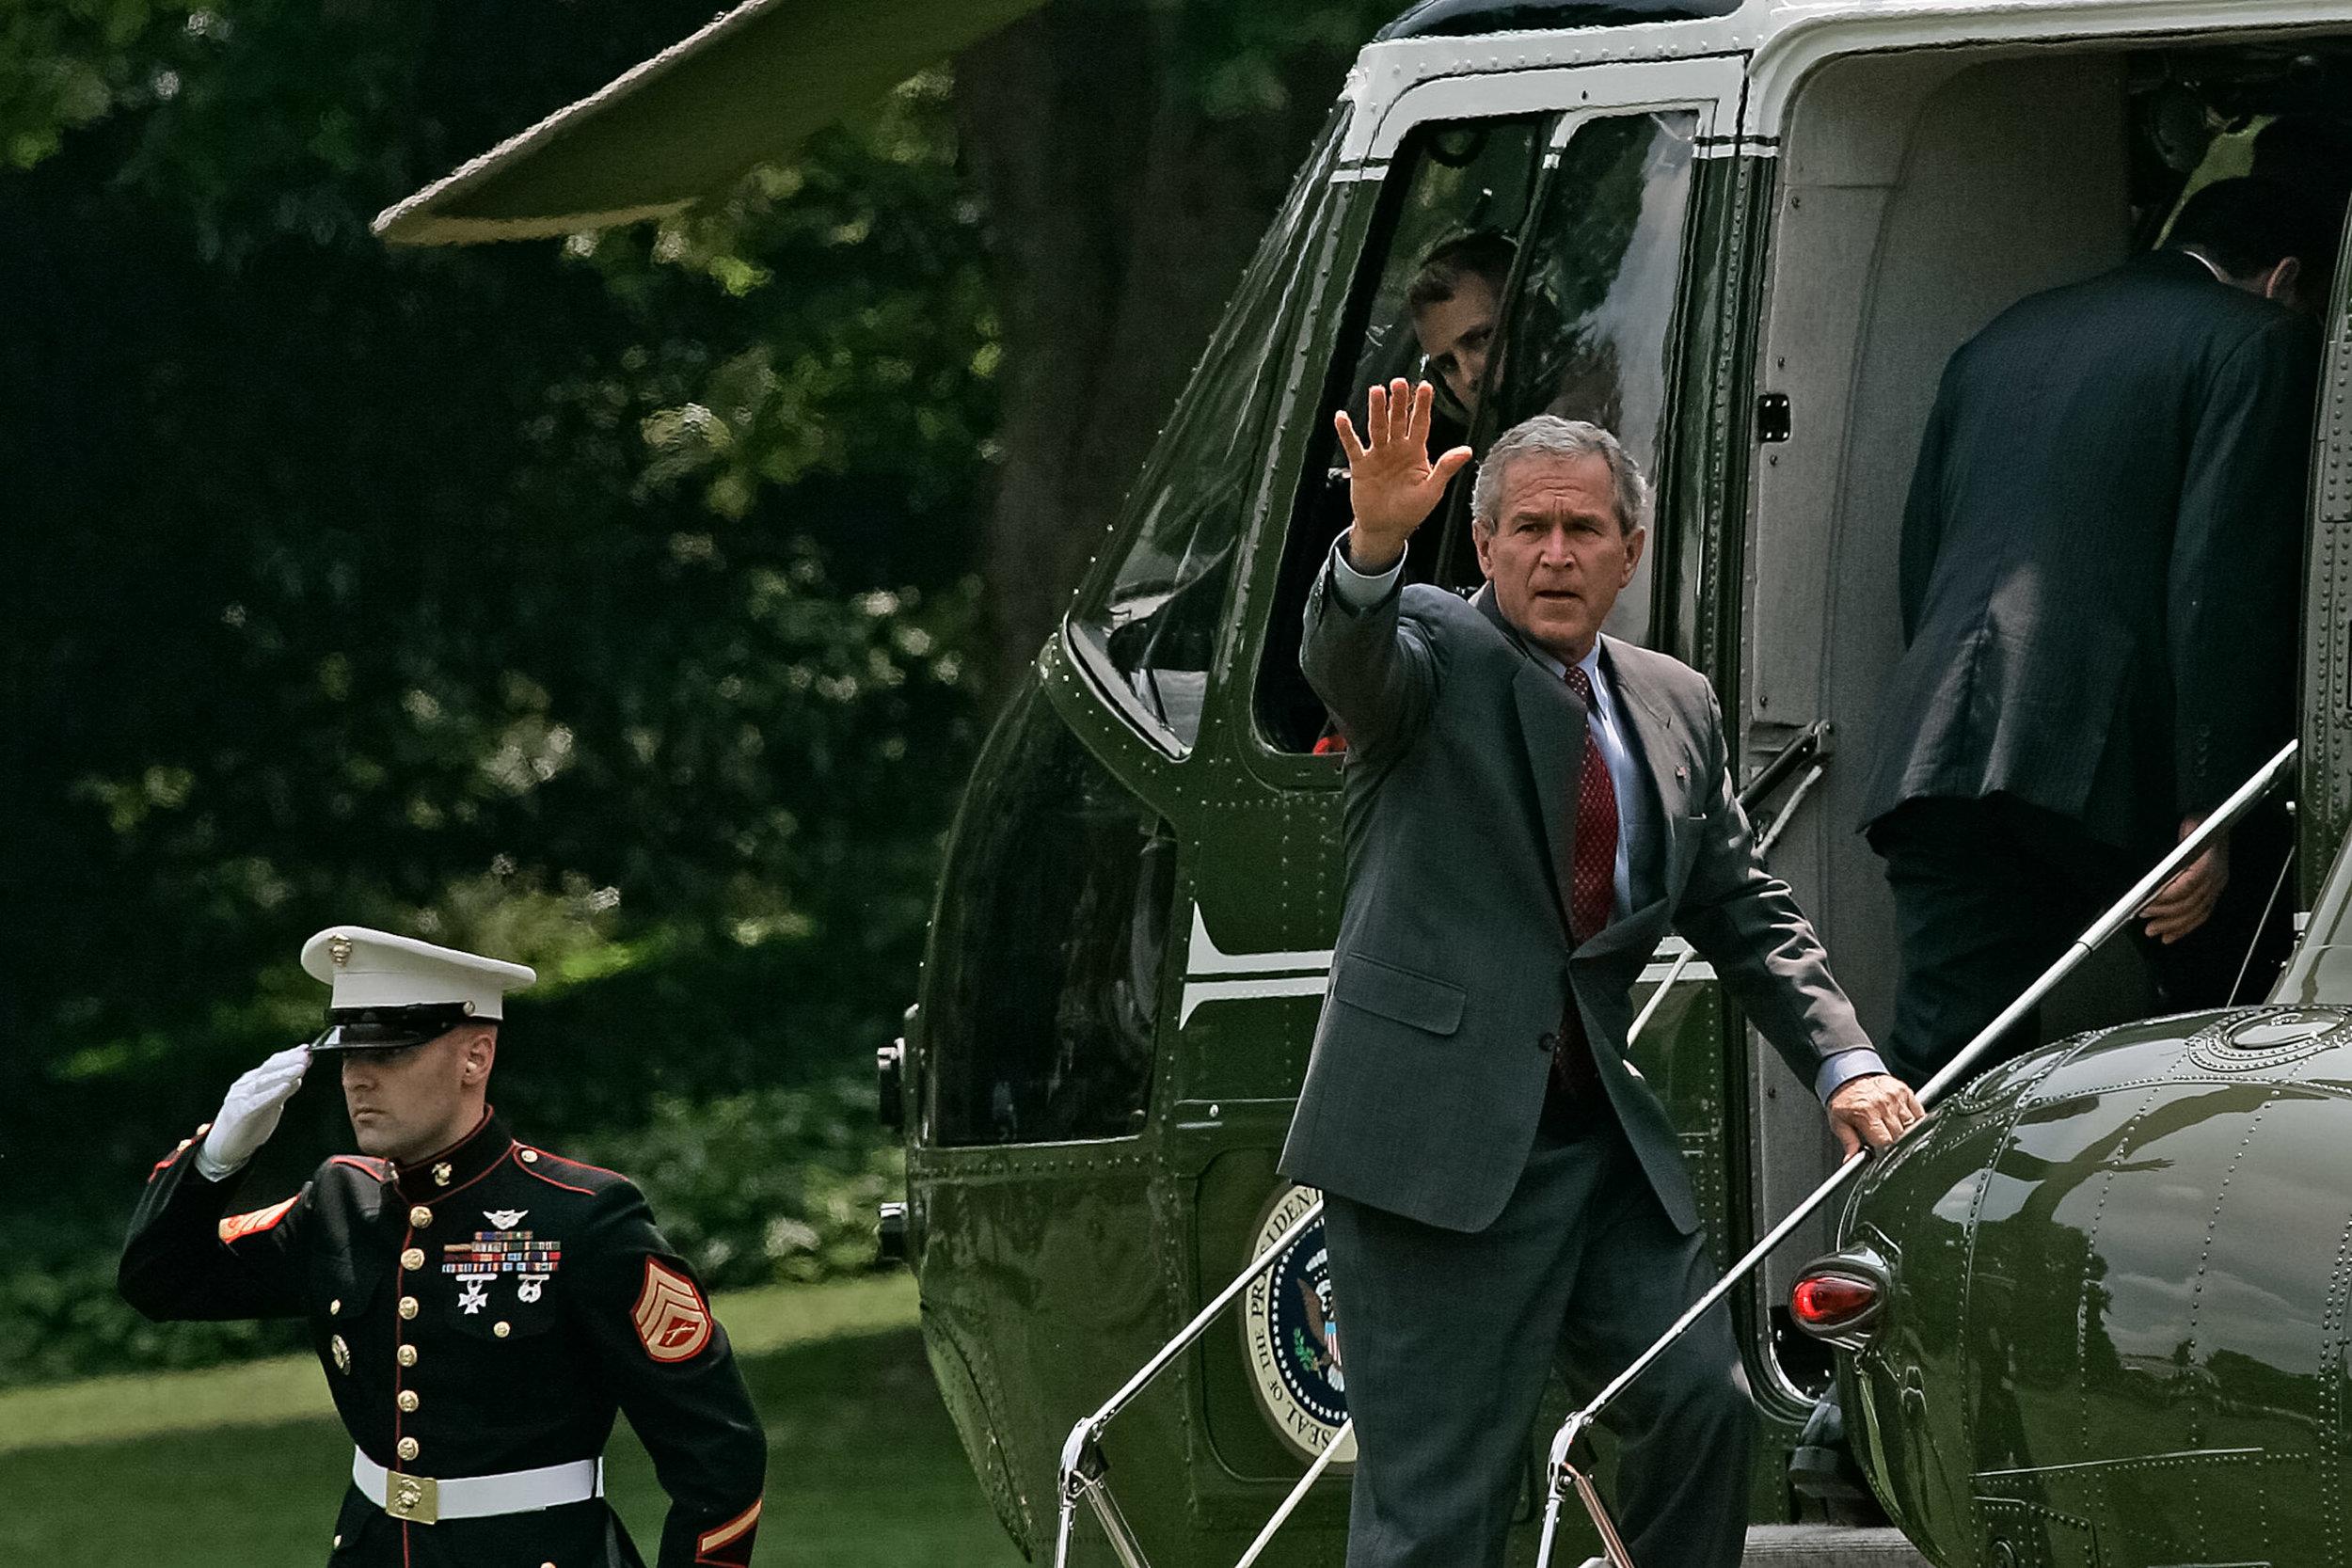 Le Président George W, Bush salut les photographes derrière la Maison Blanche avant de s'envoler vers Fort Belvoir en compagnie du Premier Ministre de l'Irak Nouri Al-Maliki.